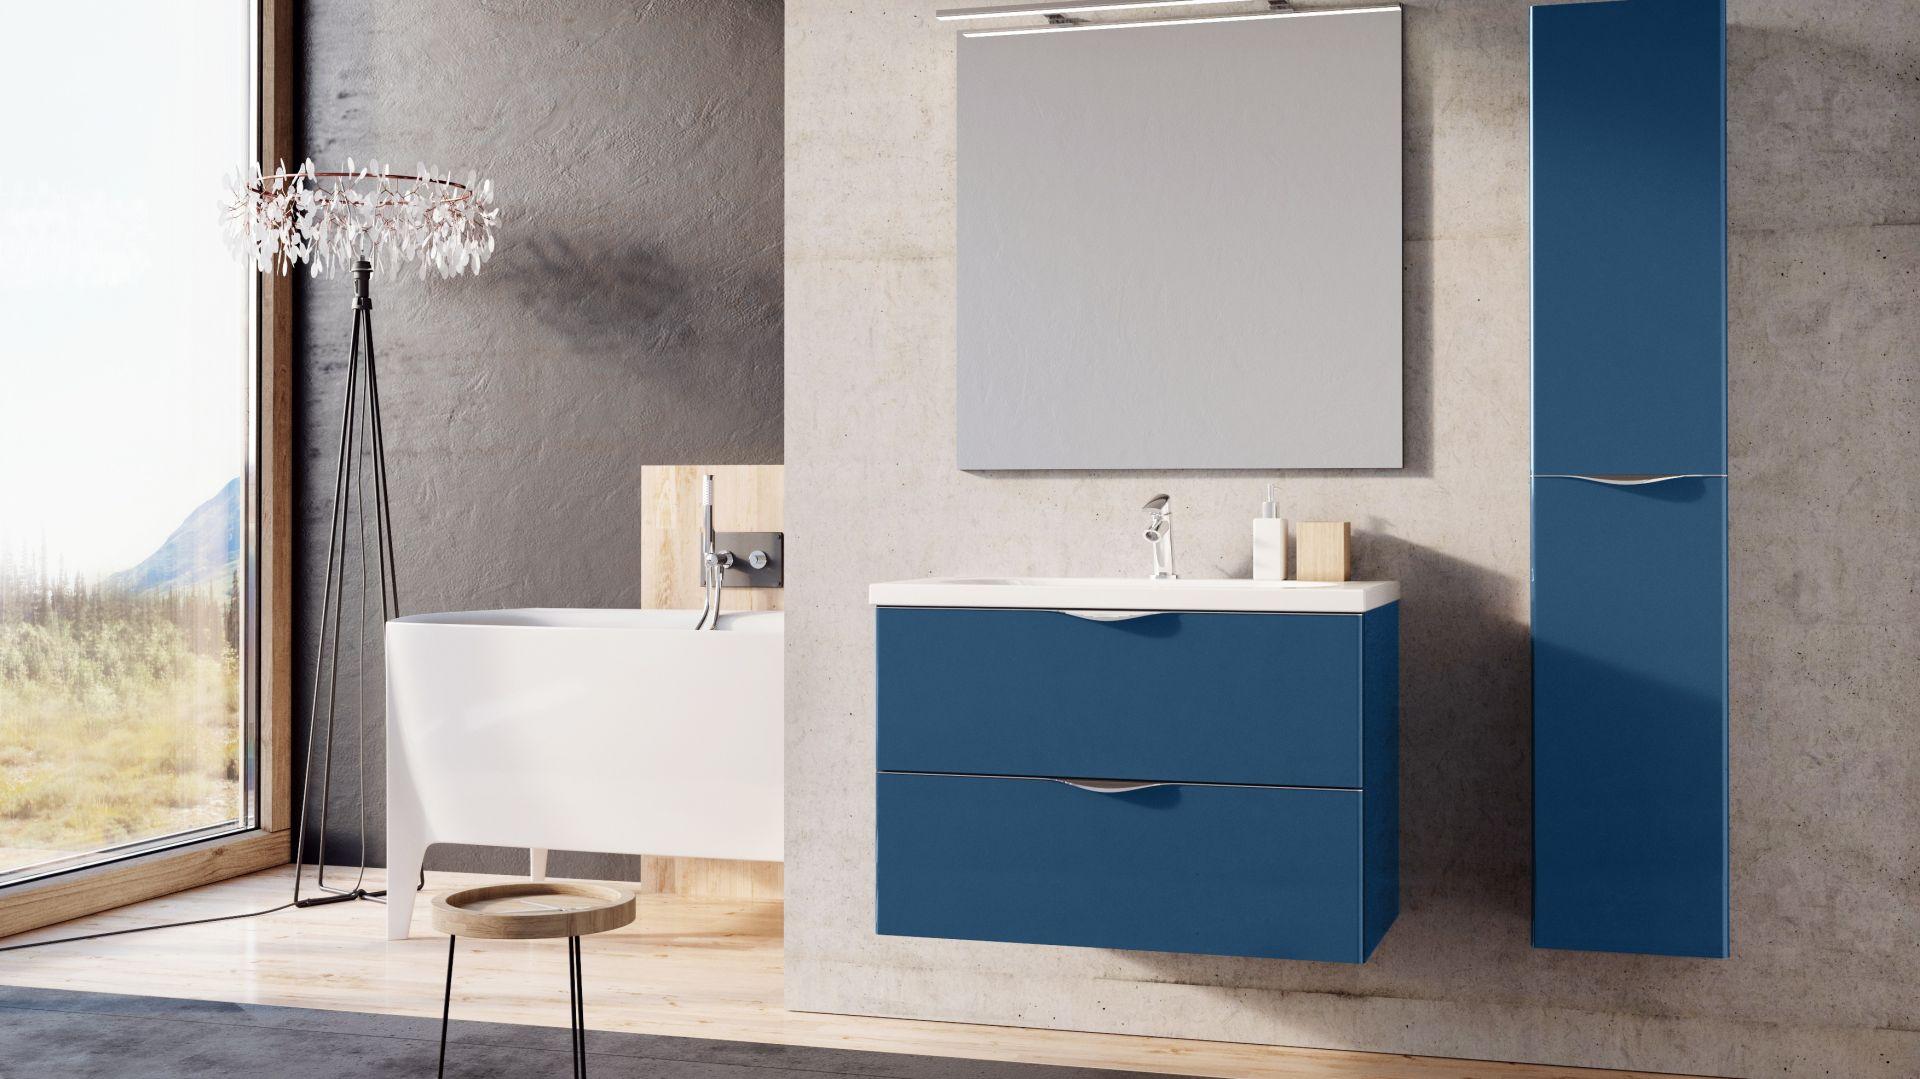 Meble łazienkowe z kolekcji Ambio marki Elita z frontami w kolorze niebieskim. Fot. Elita